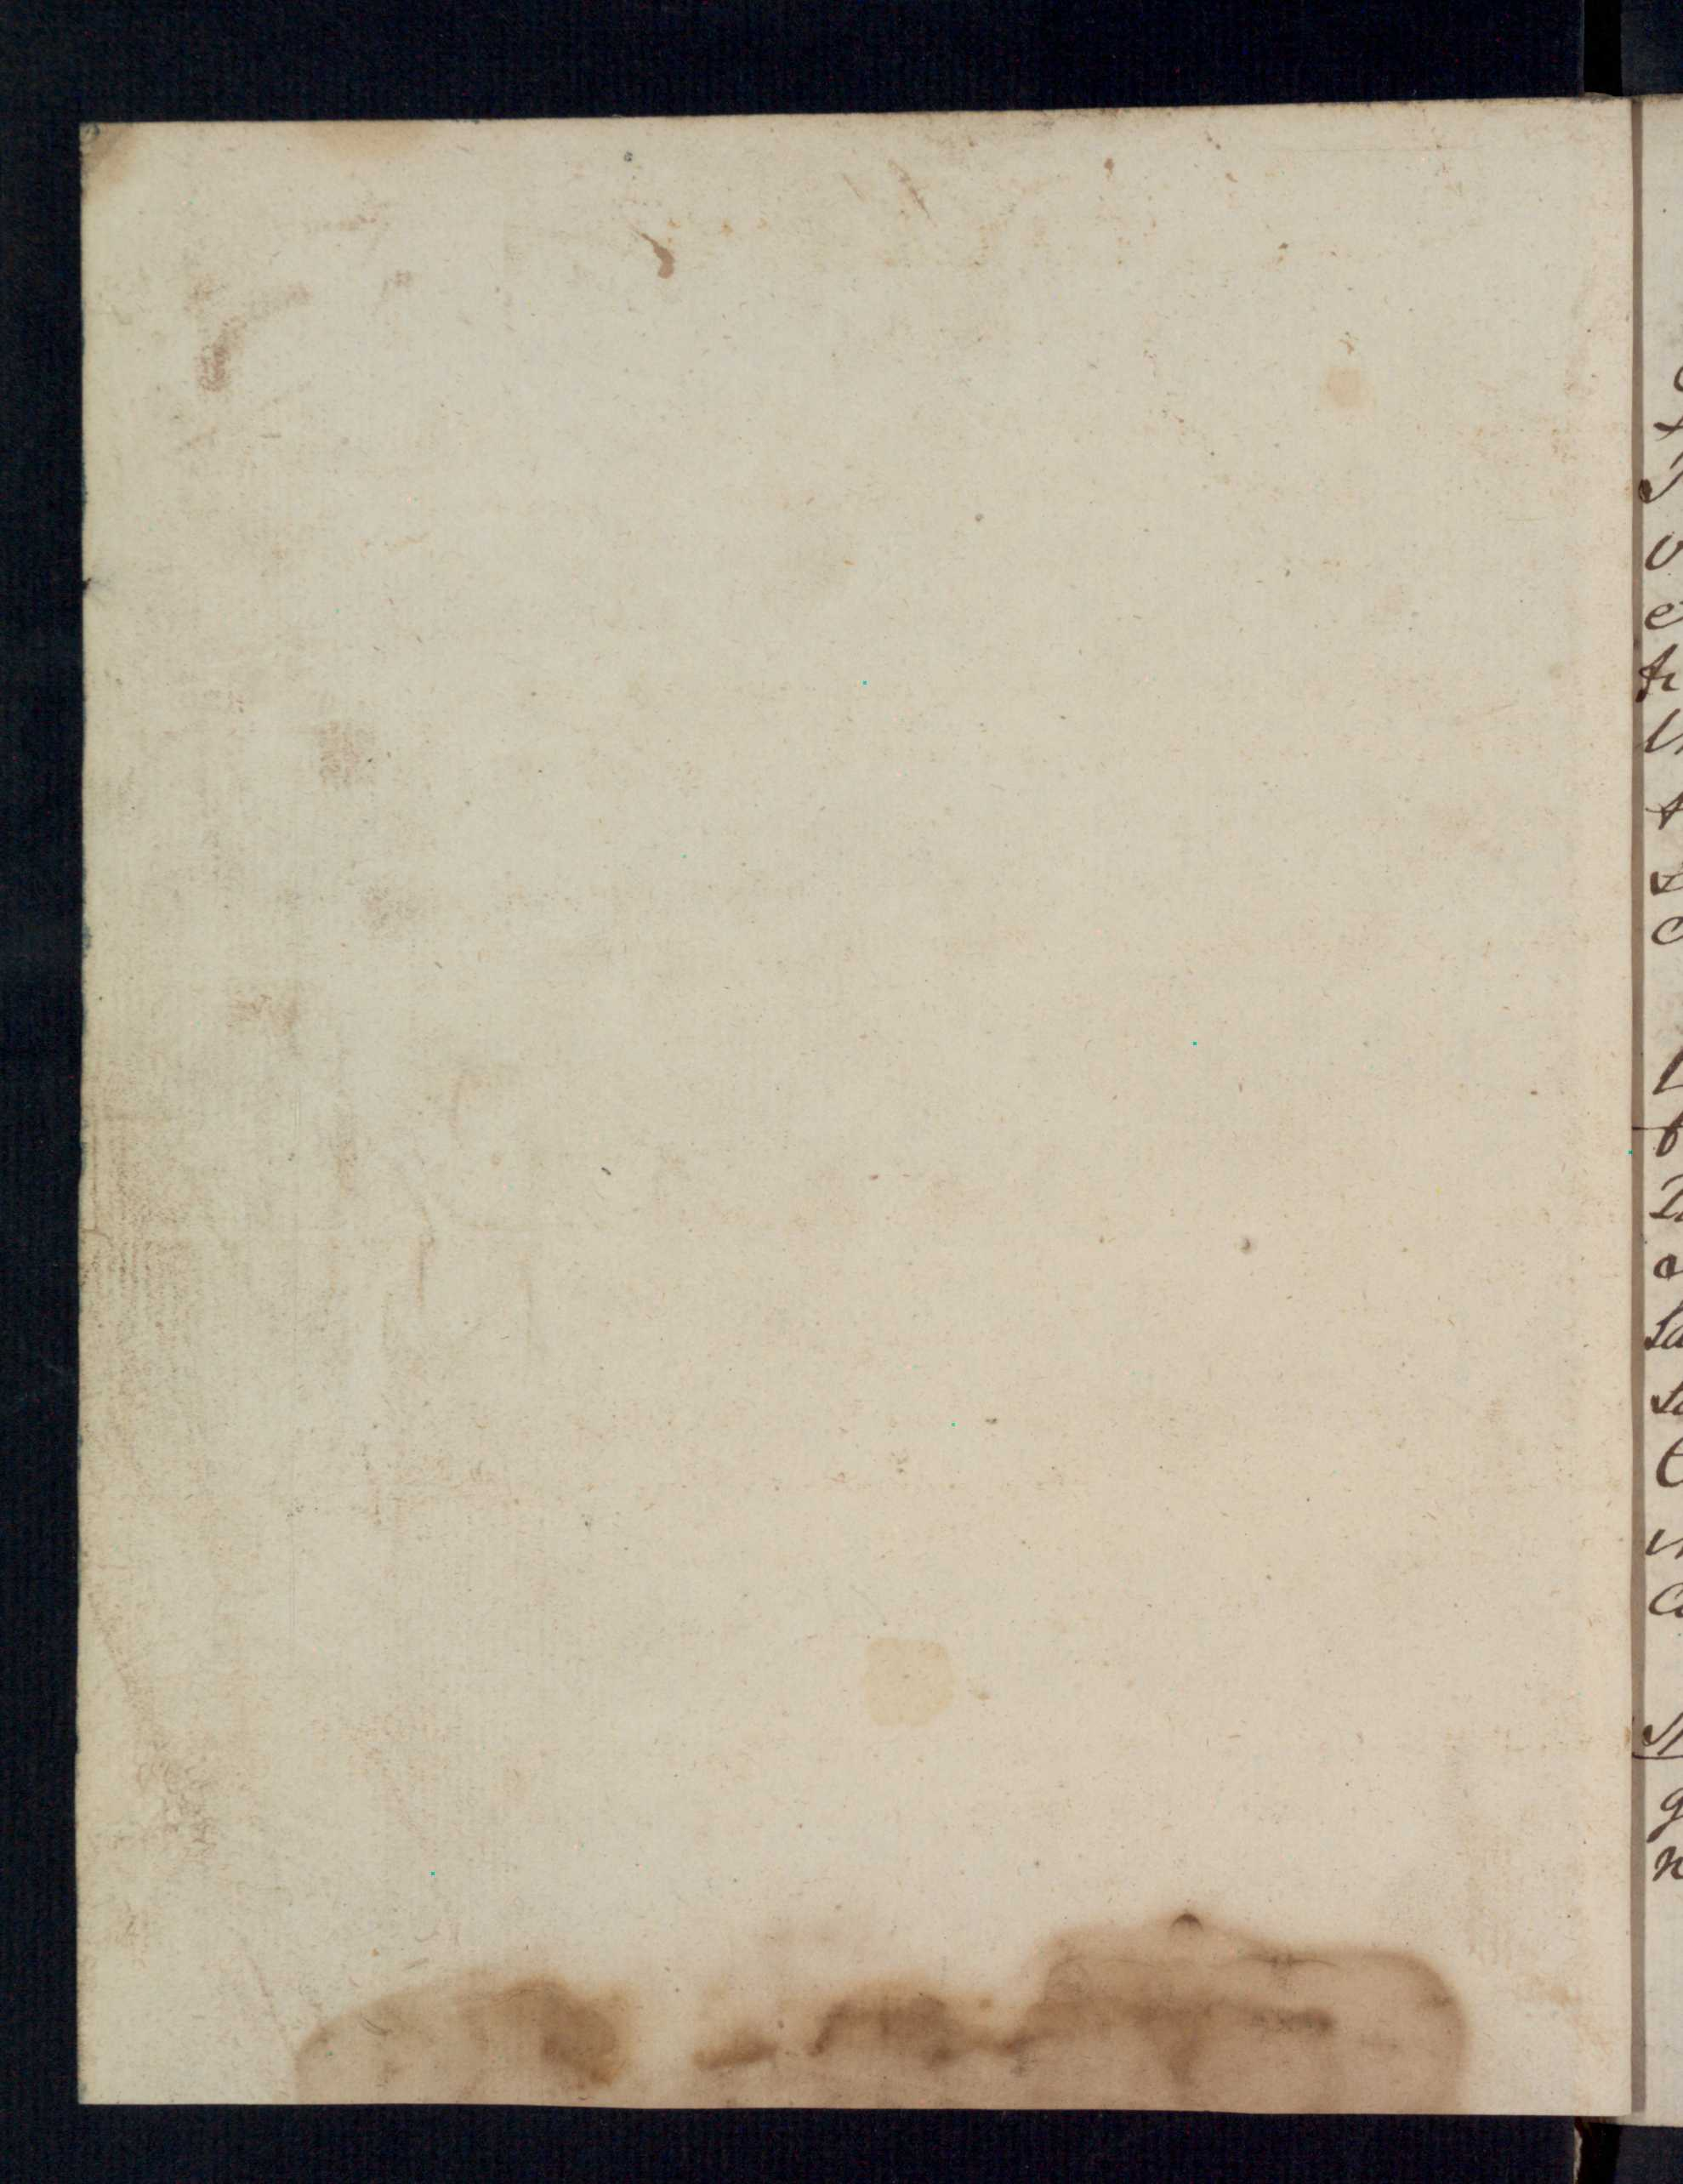 Lbs 848 4° - 74v